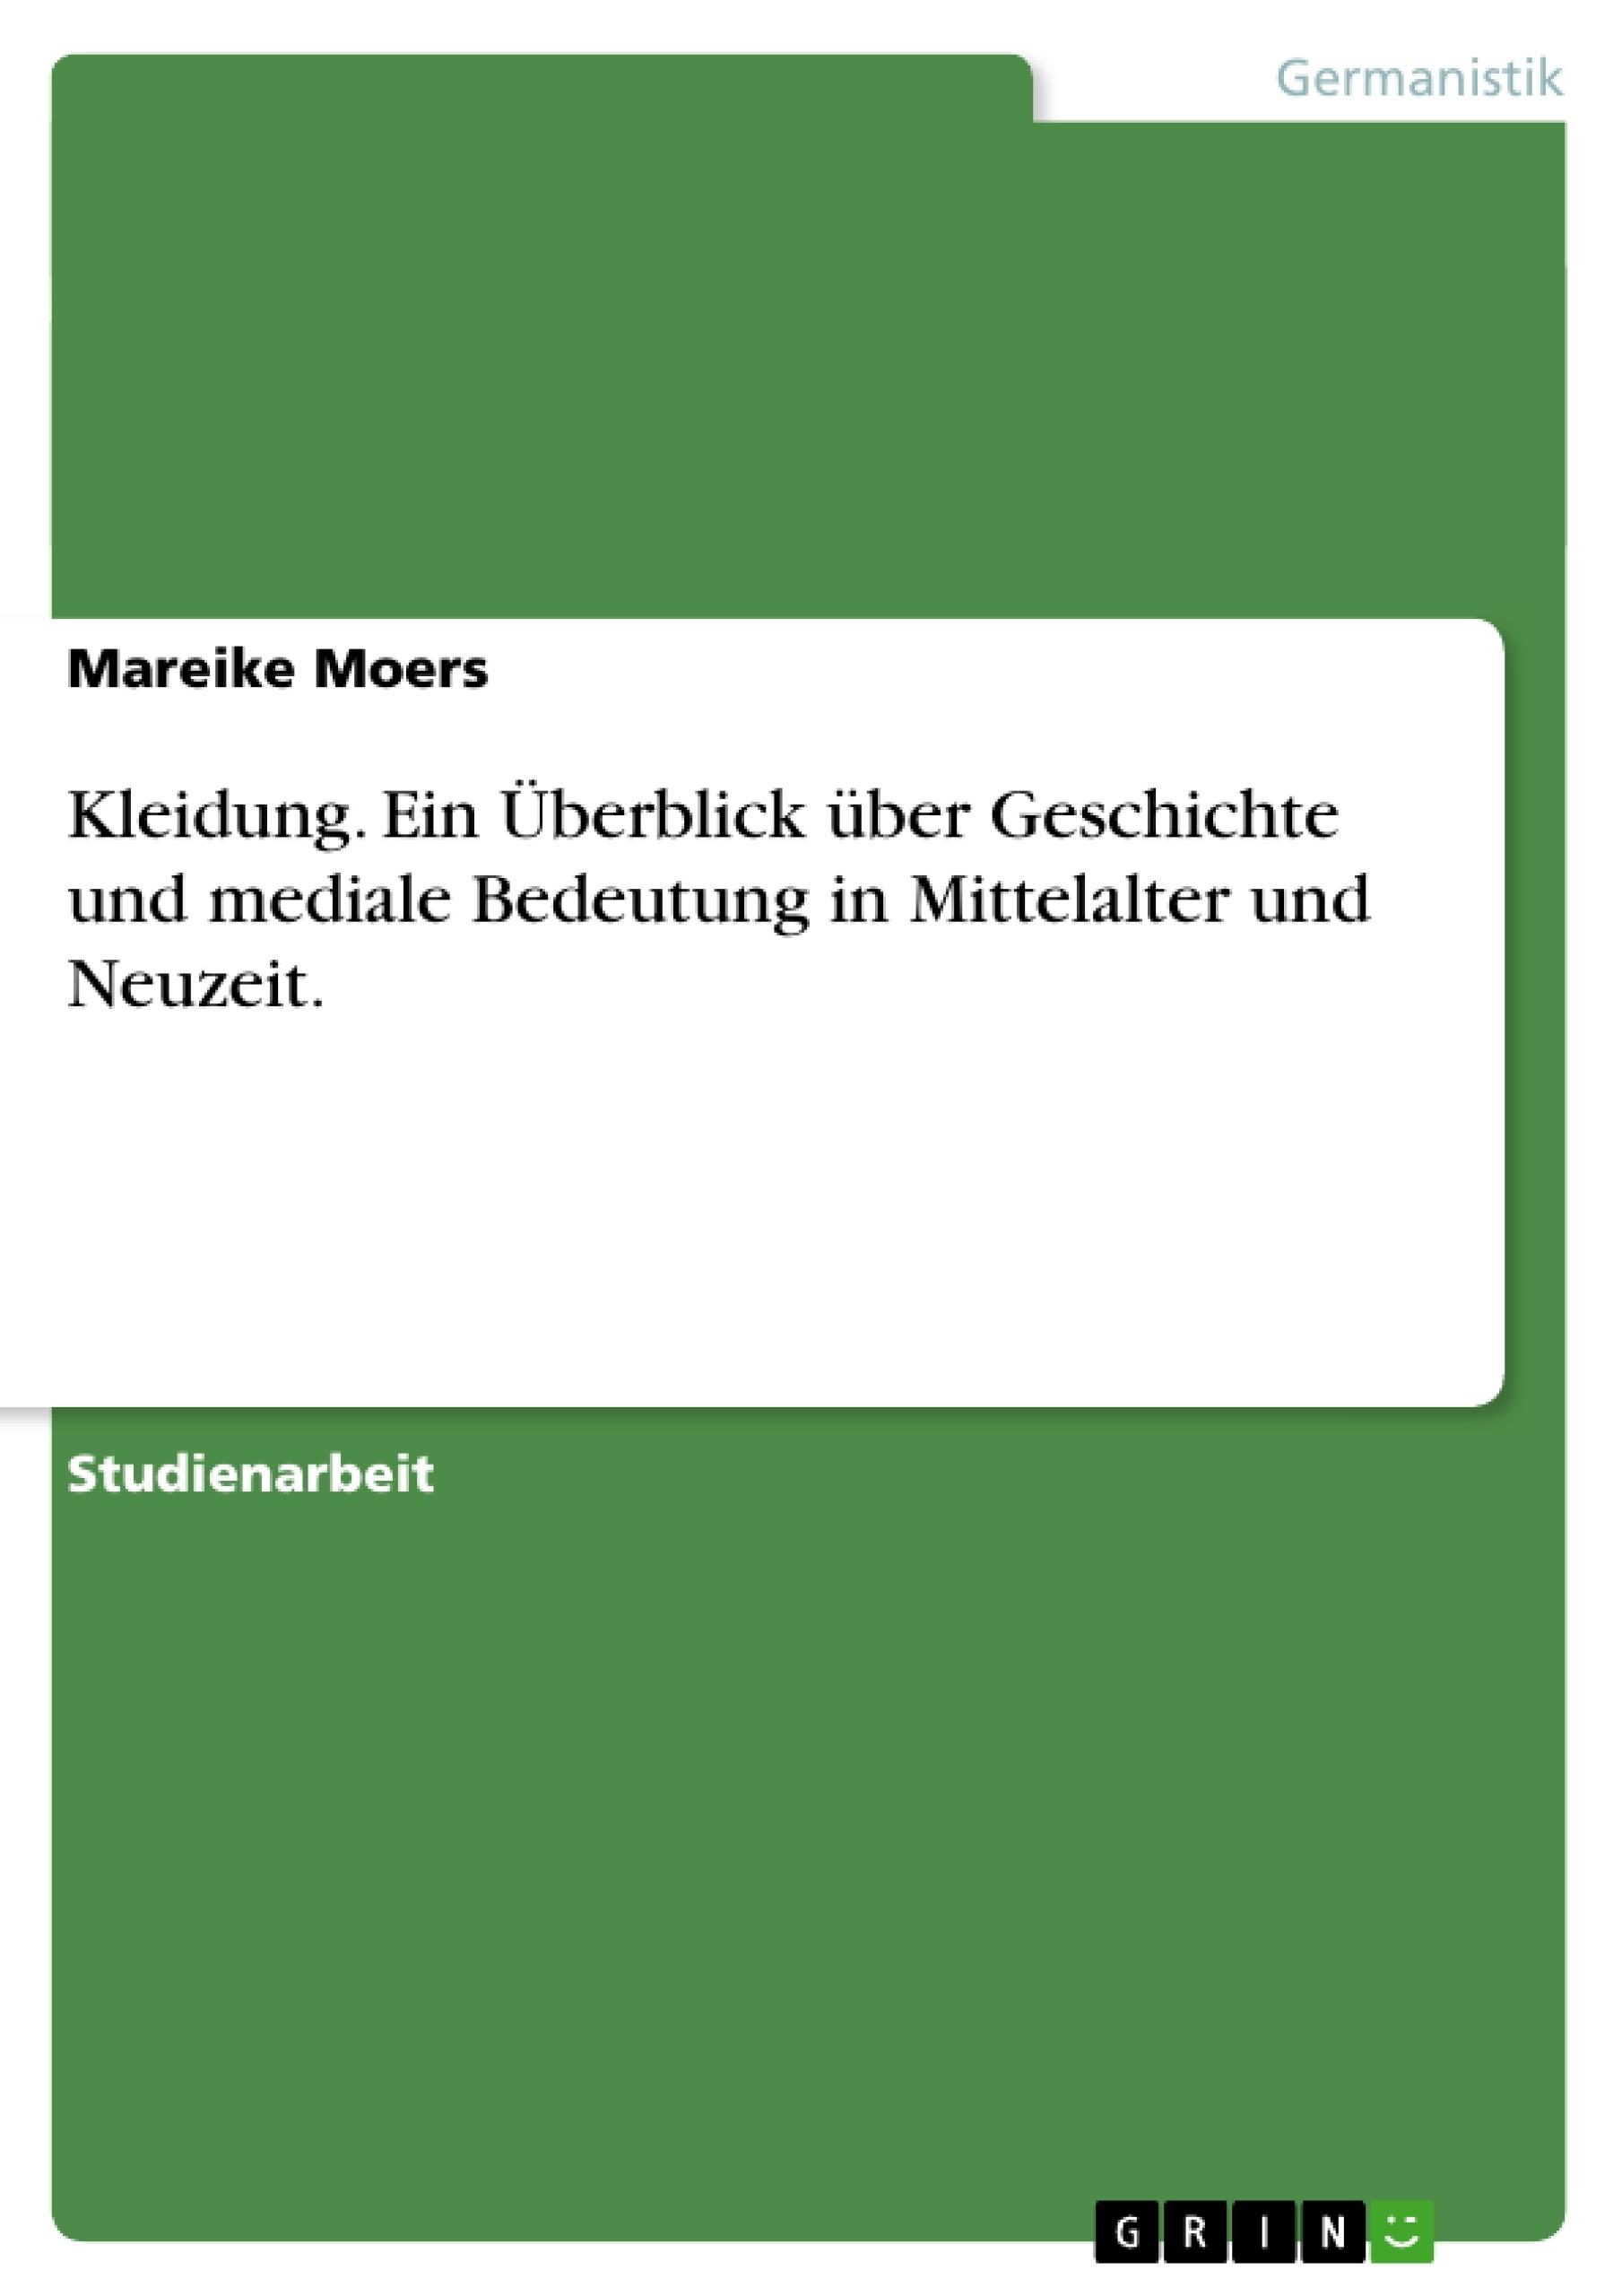 Titel: Kleidung. Ein Überblick über Geschichte und mediale Bedeutung in Mittelalter und Neuzeit.